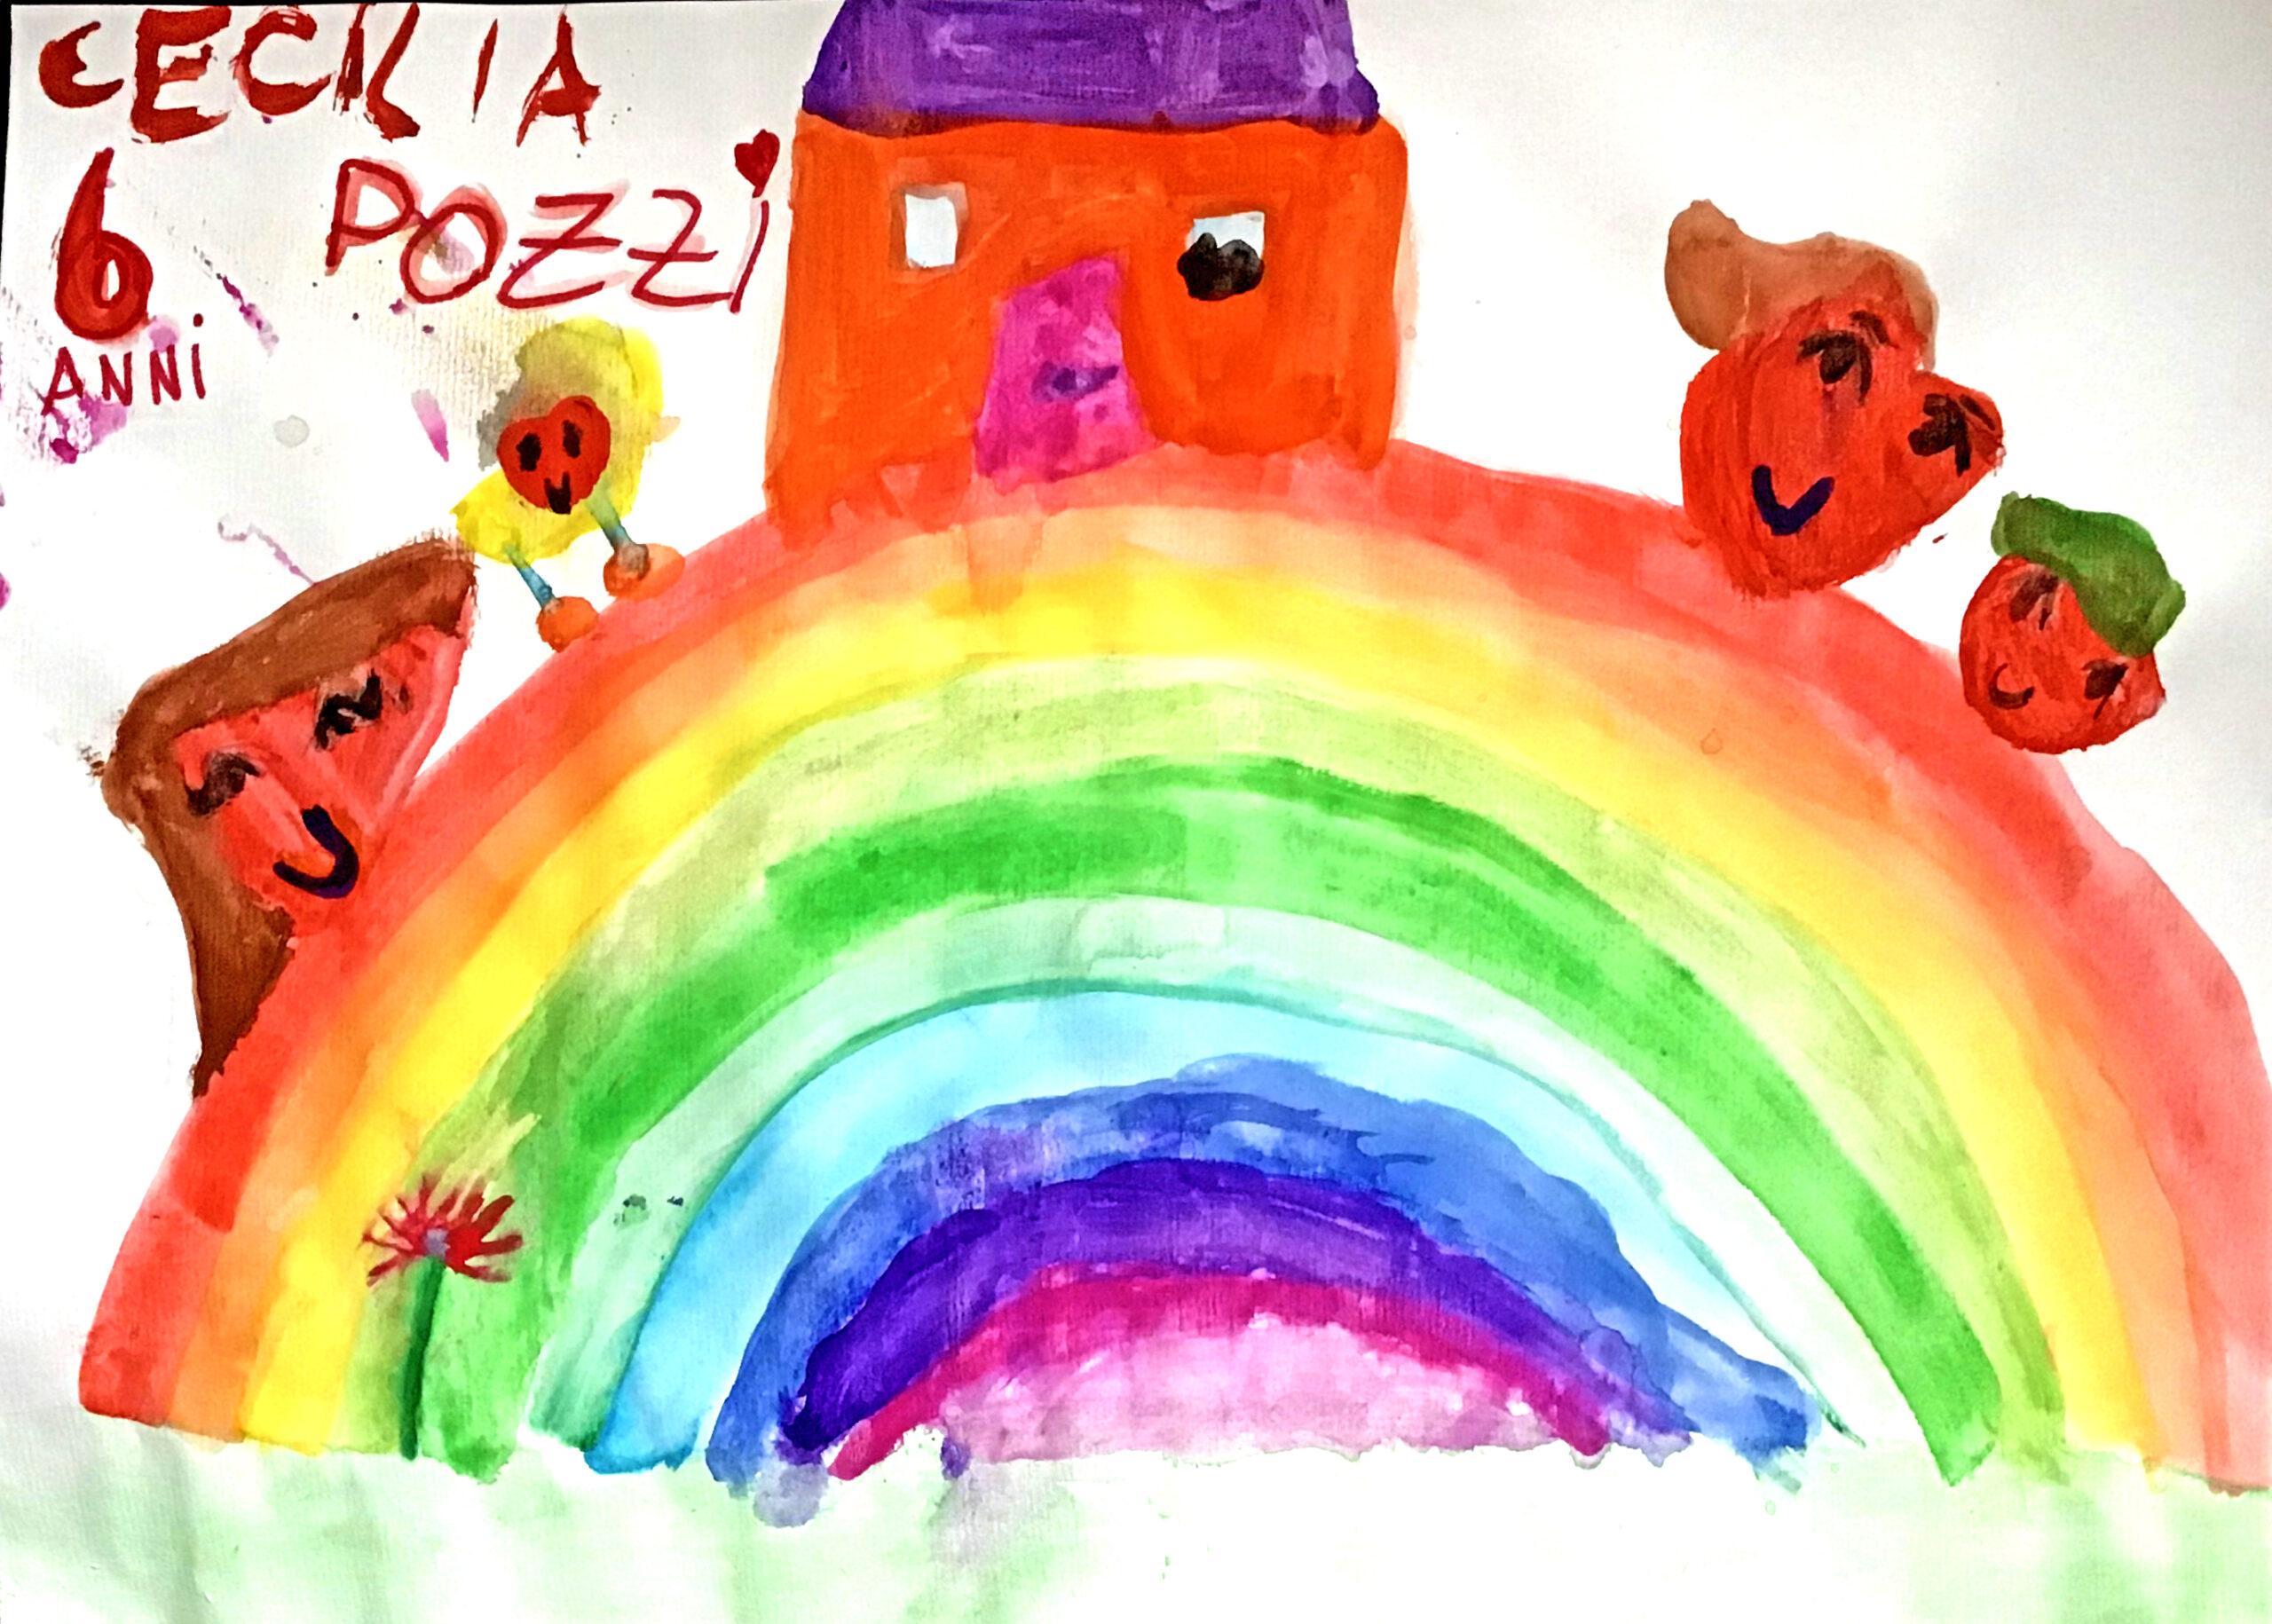 Questo disegno è stato fatto da Cecilia (6 anni)